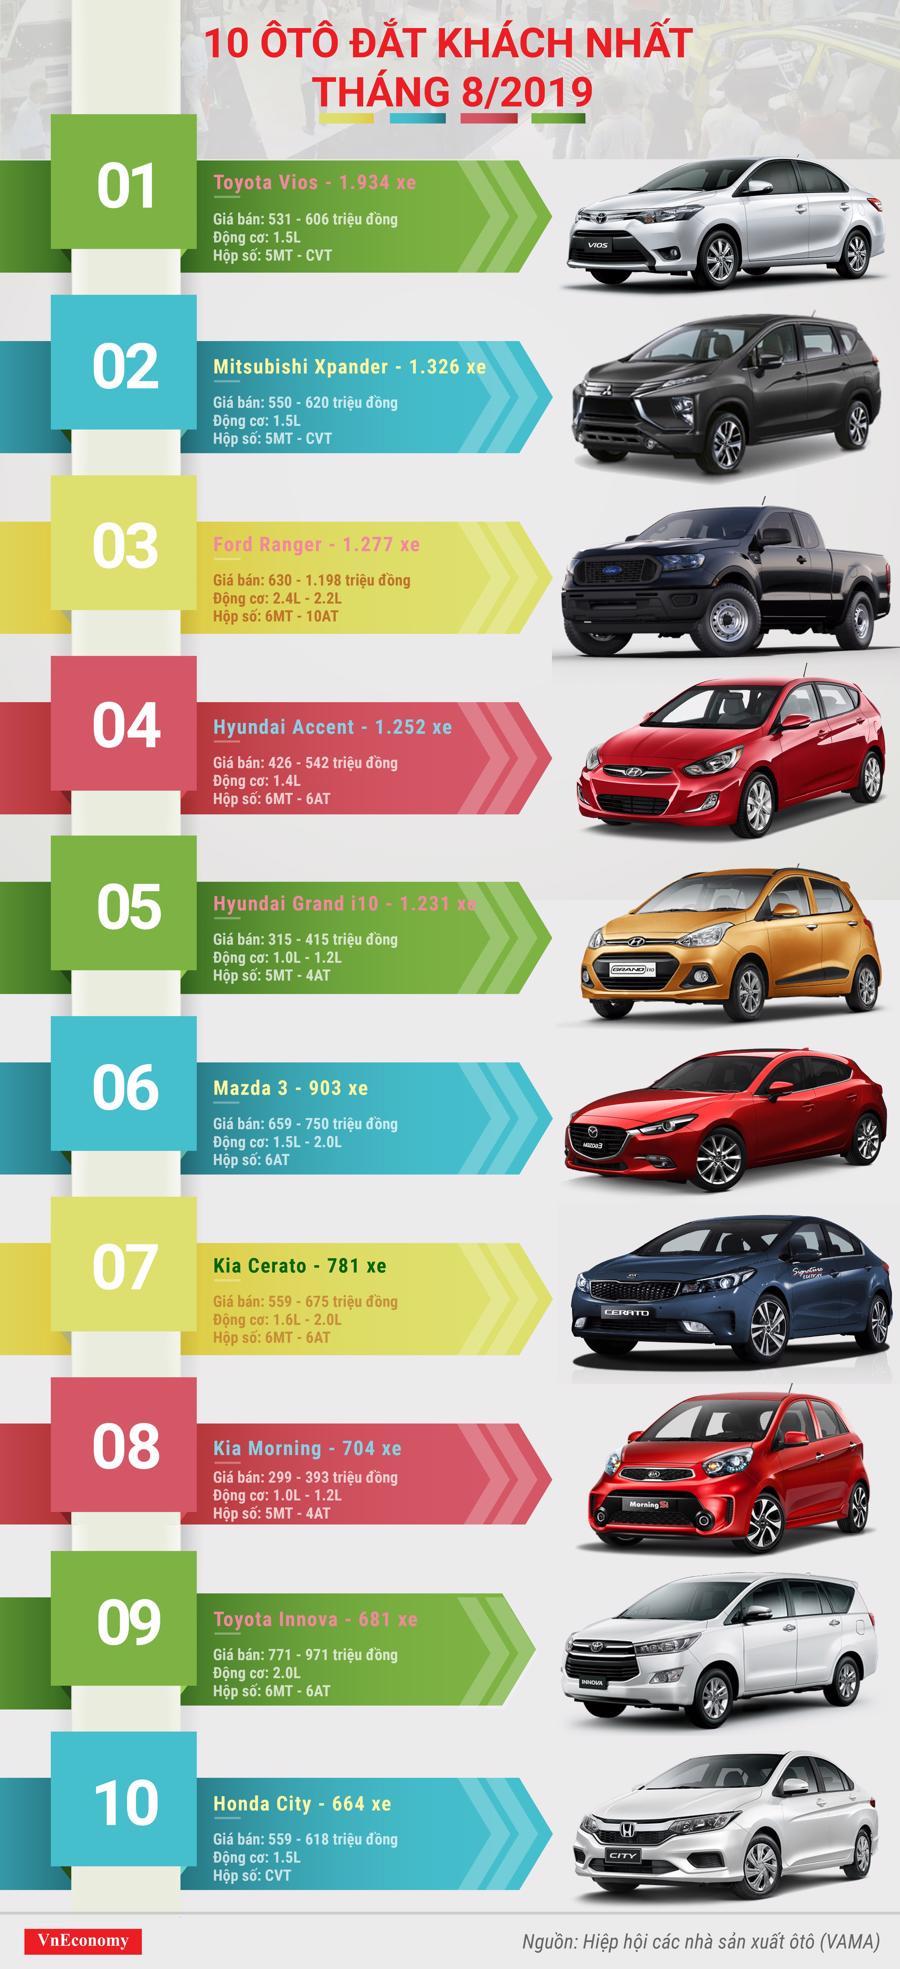 top 10 ô tô đắt khách tháng 8 năm 2019